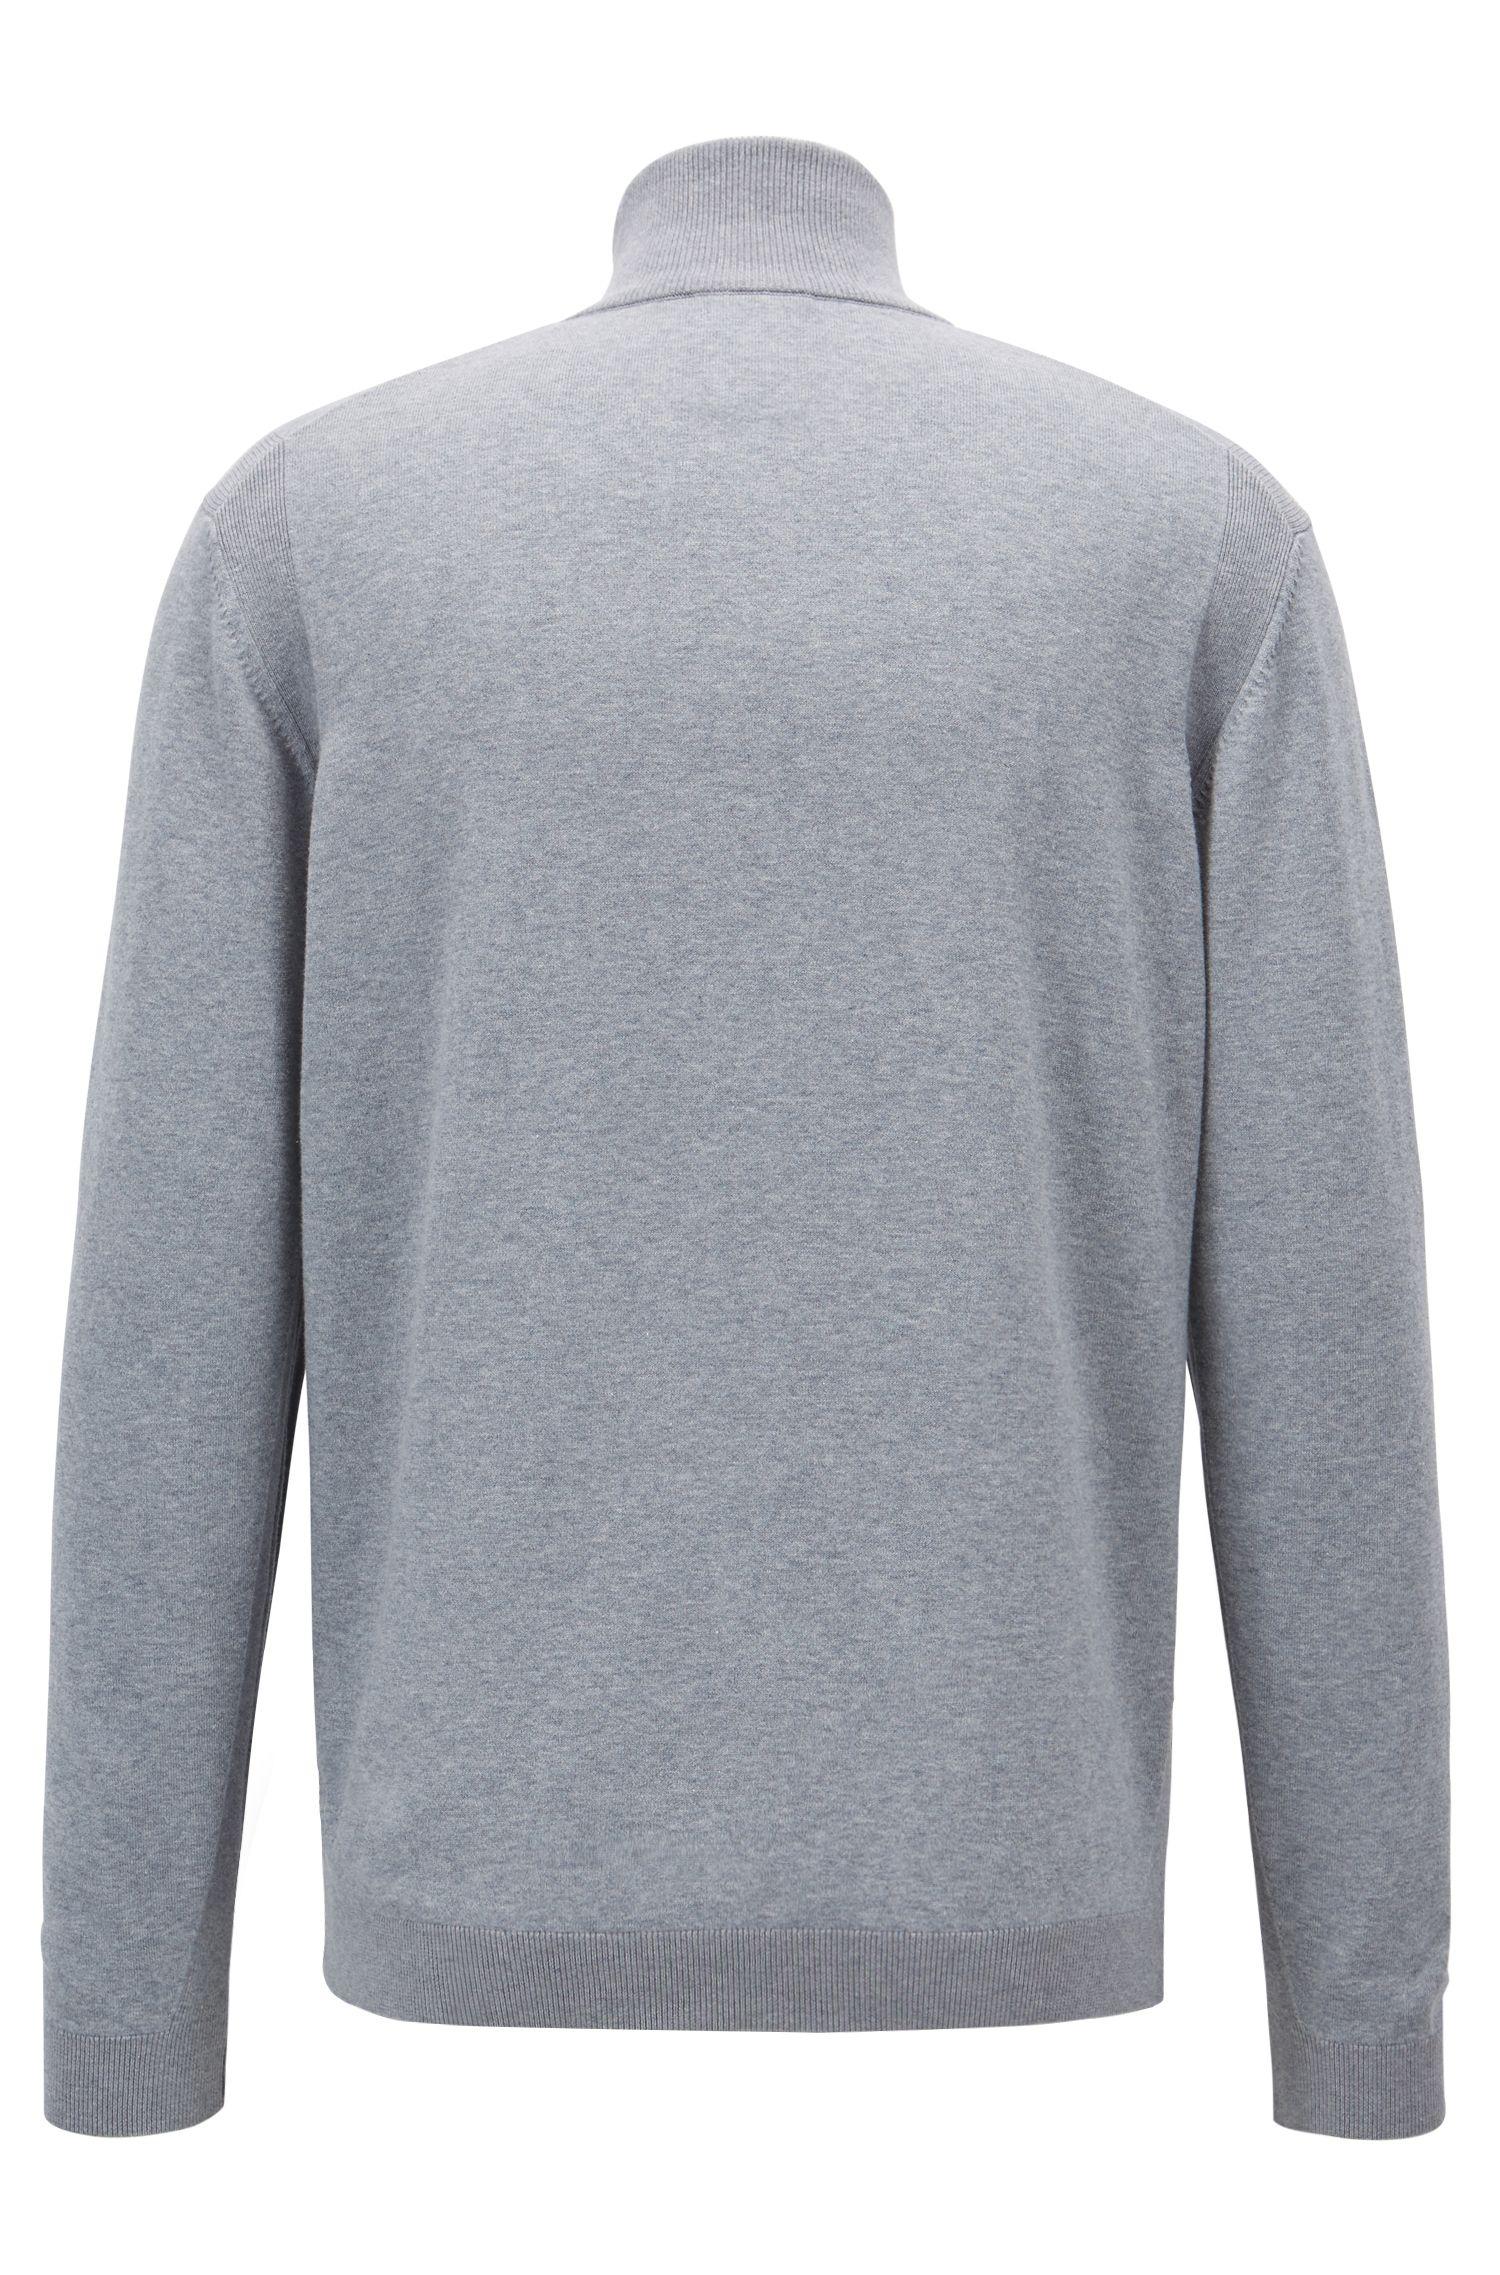 Zipper-neck sweater in a stretch-cotton blend